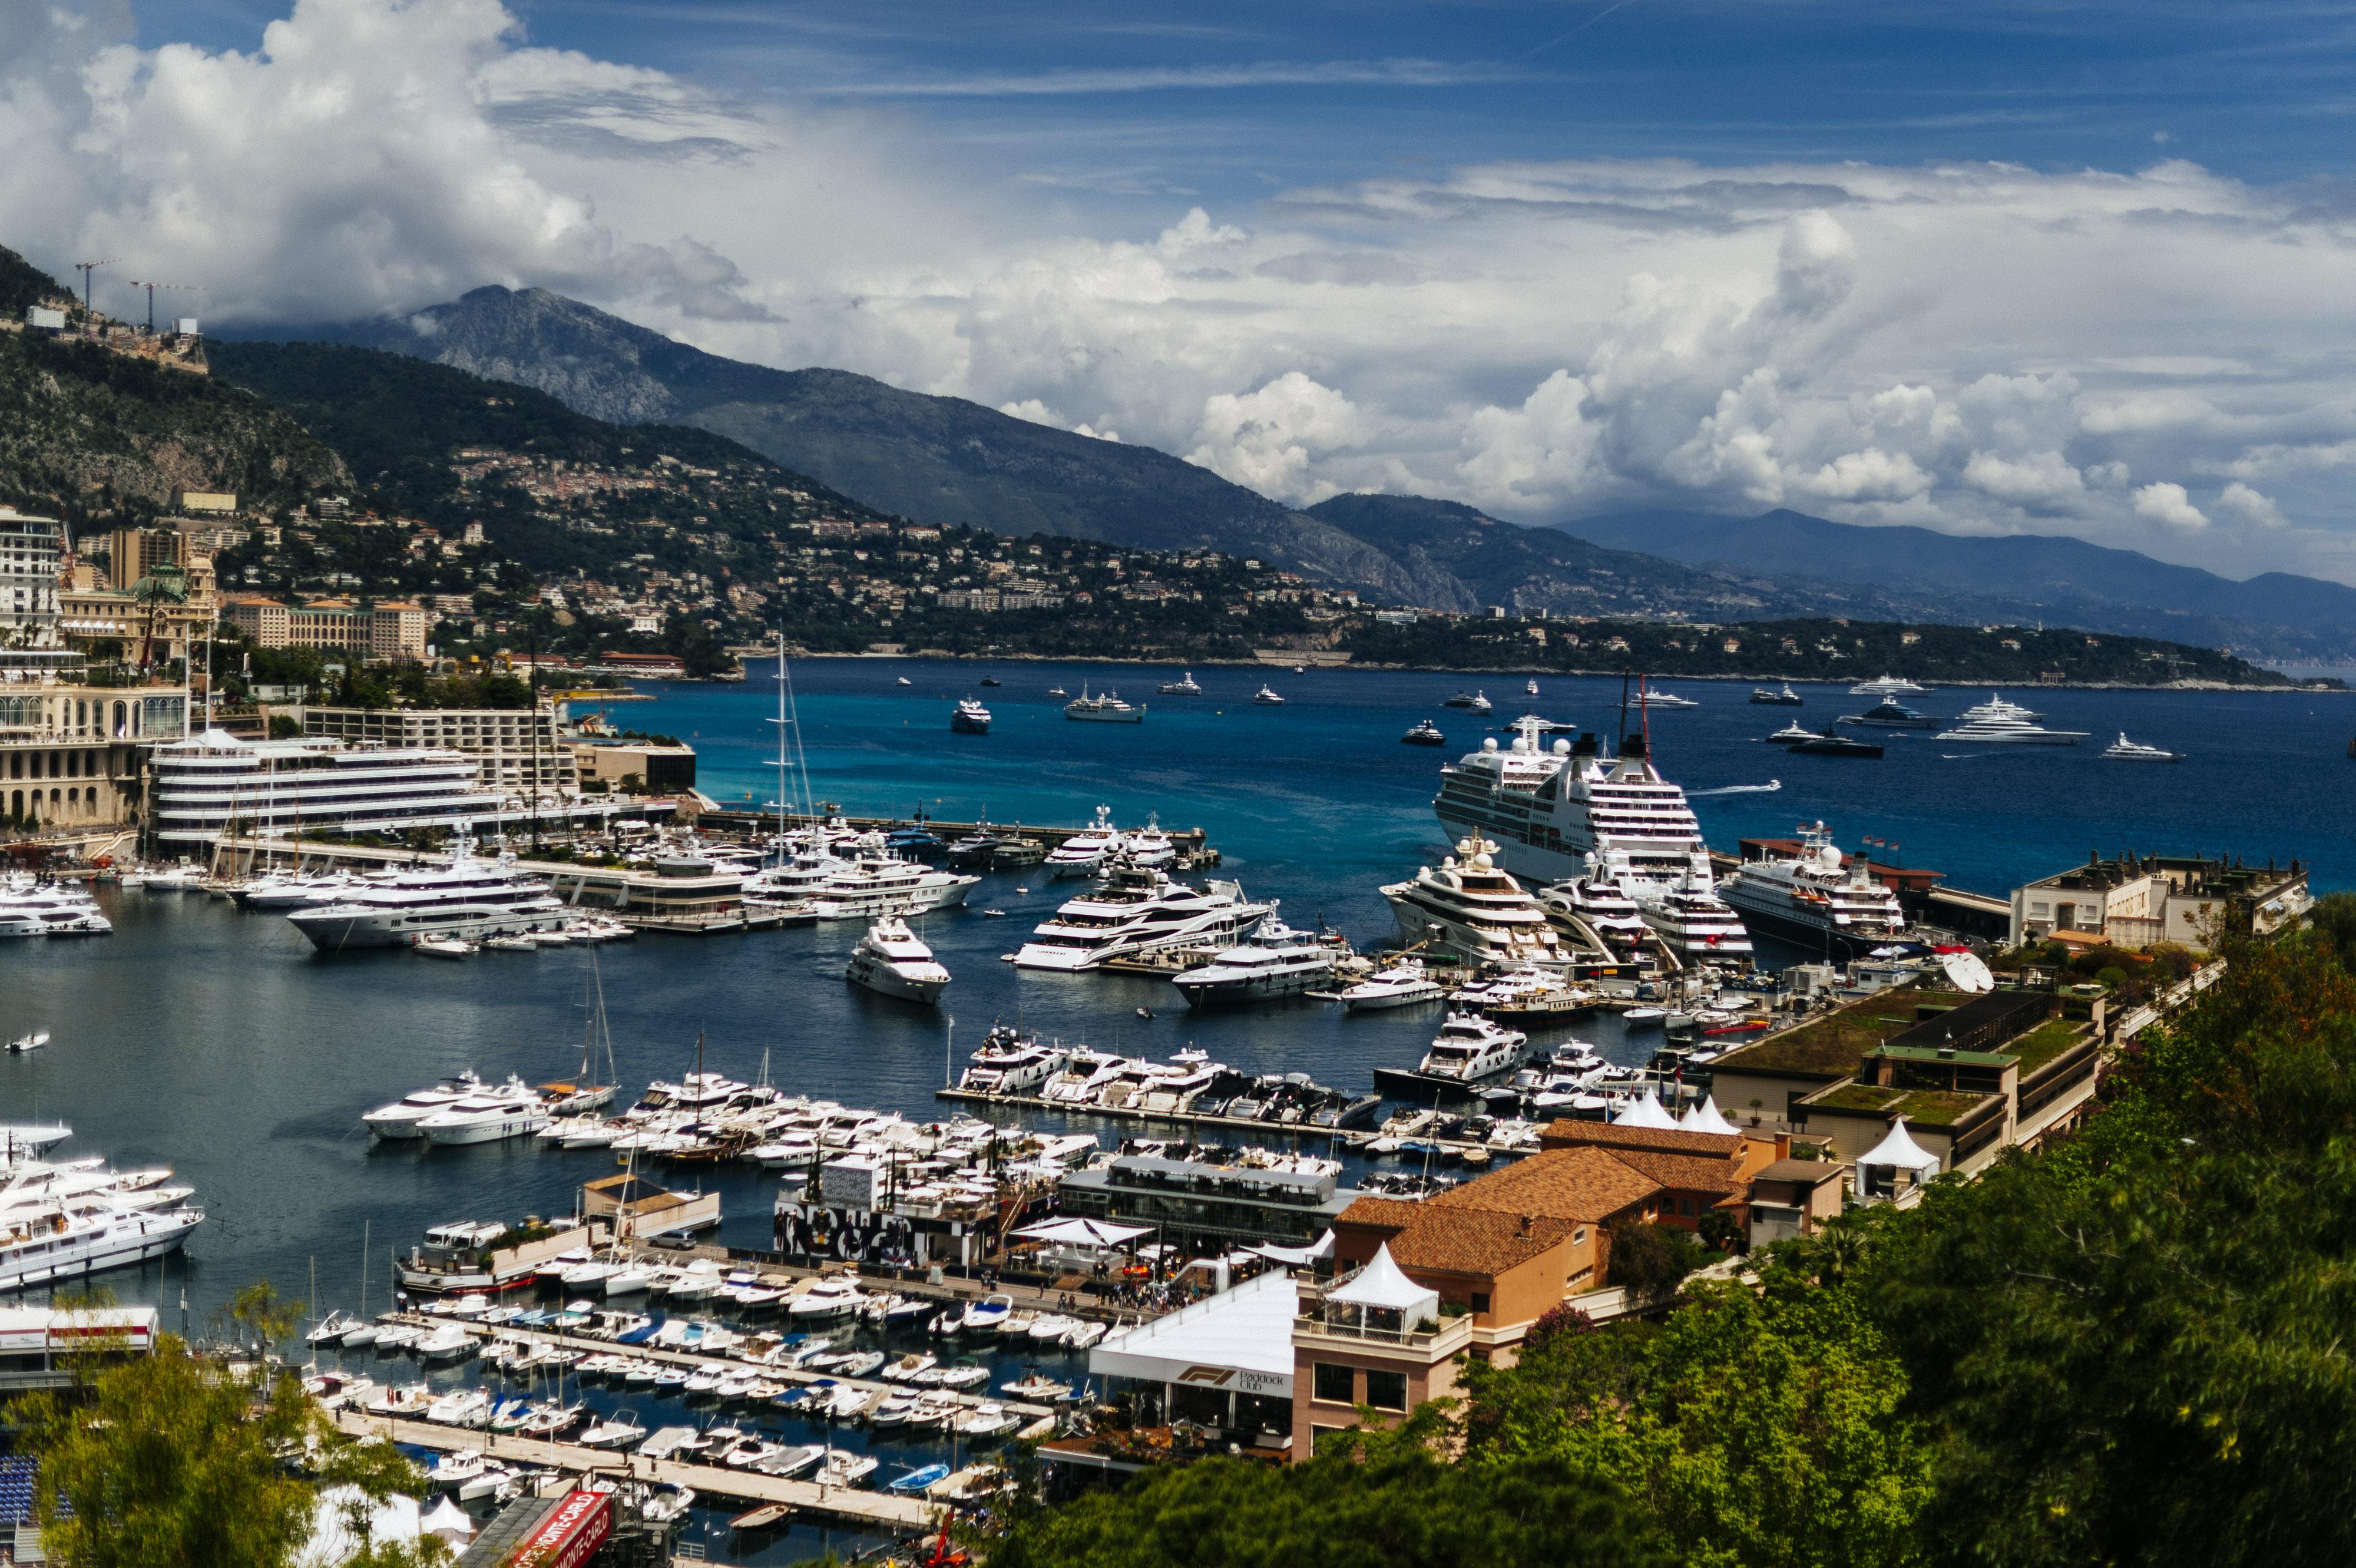 Monte Carlo, Monaco by Pirelli 2018.